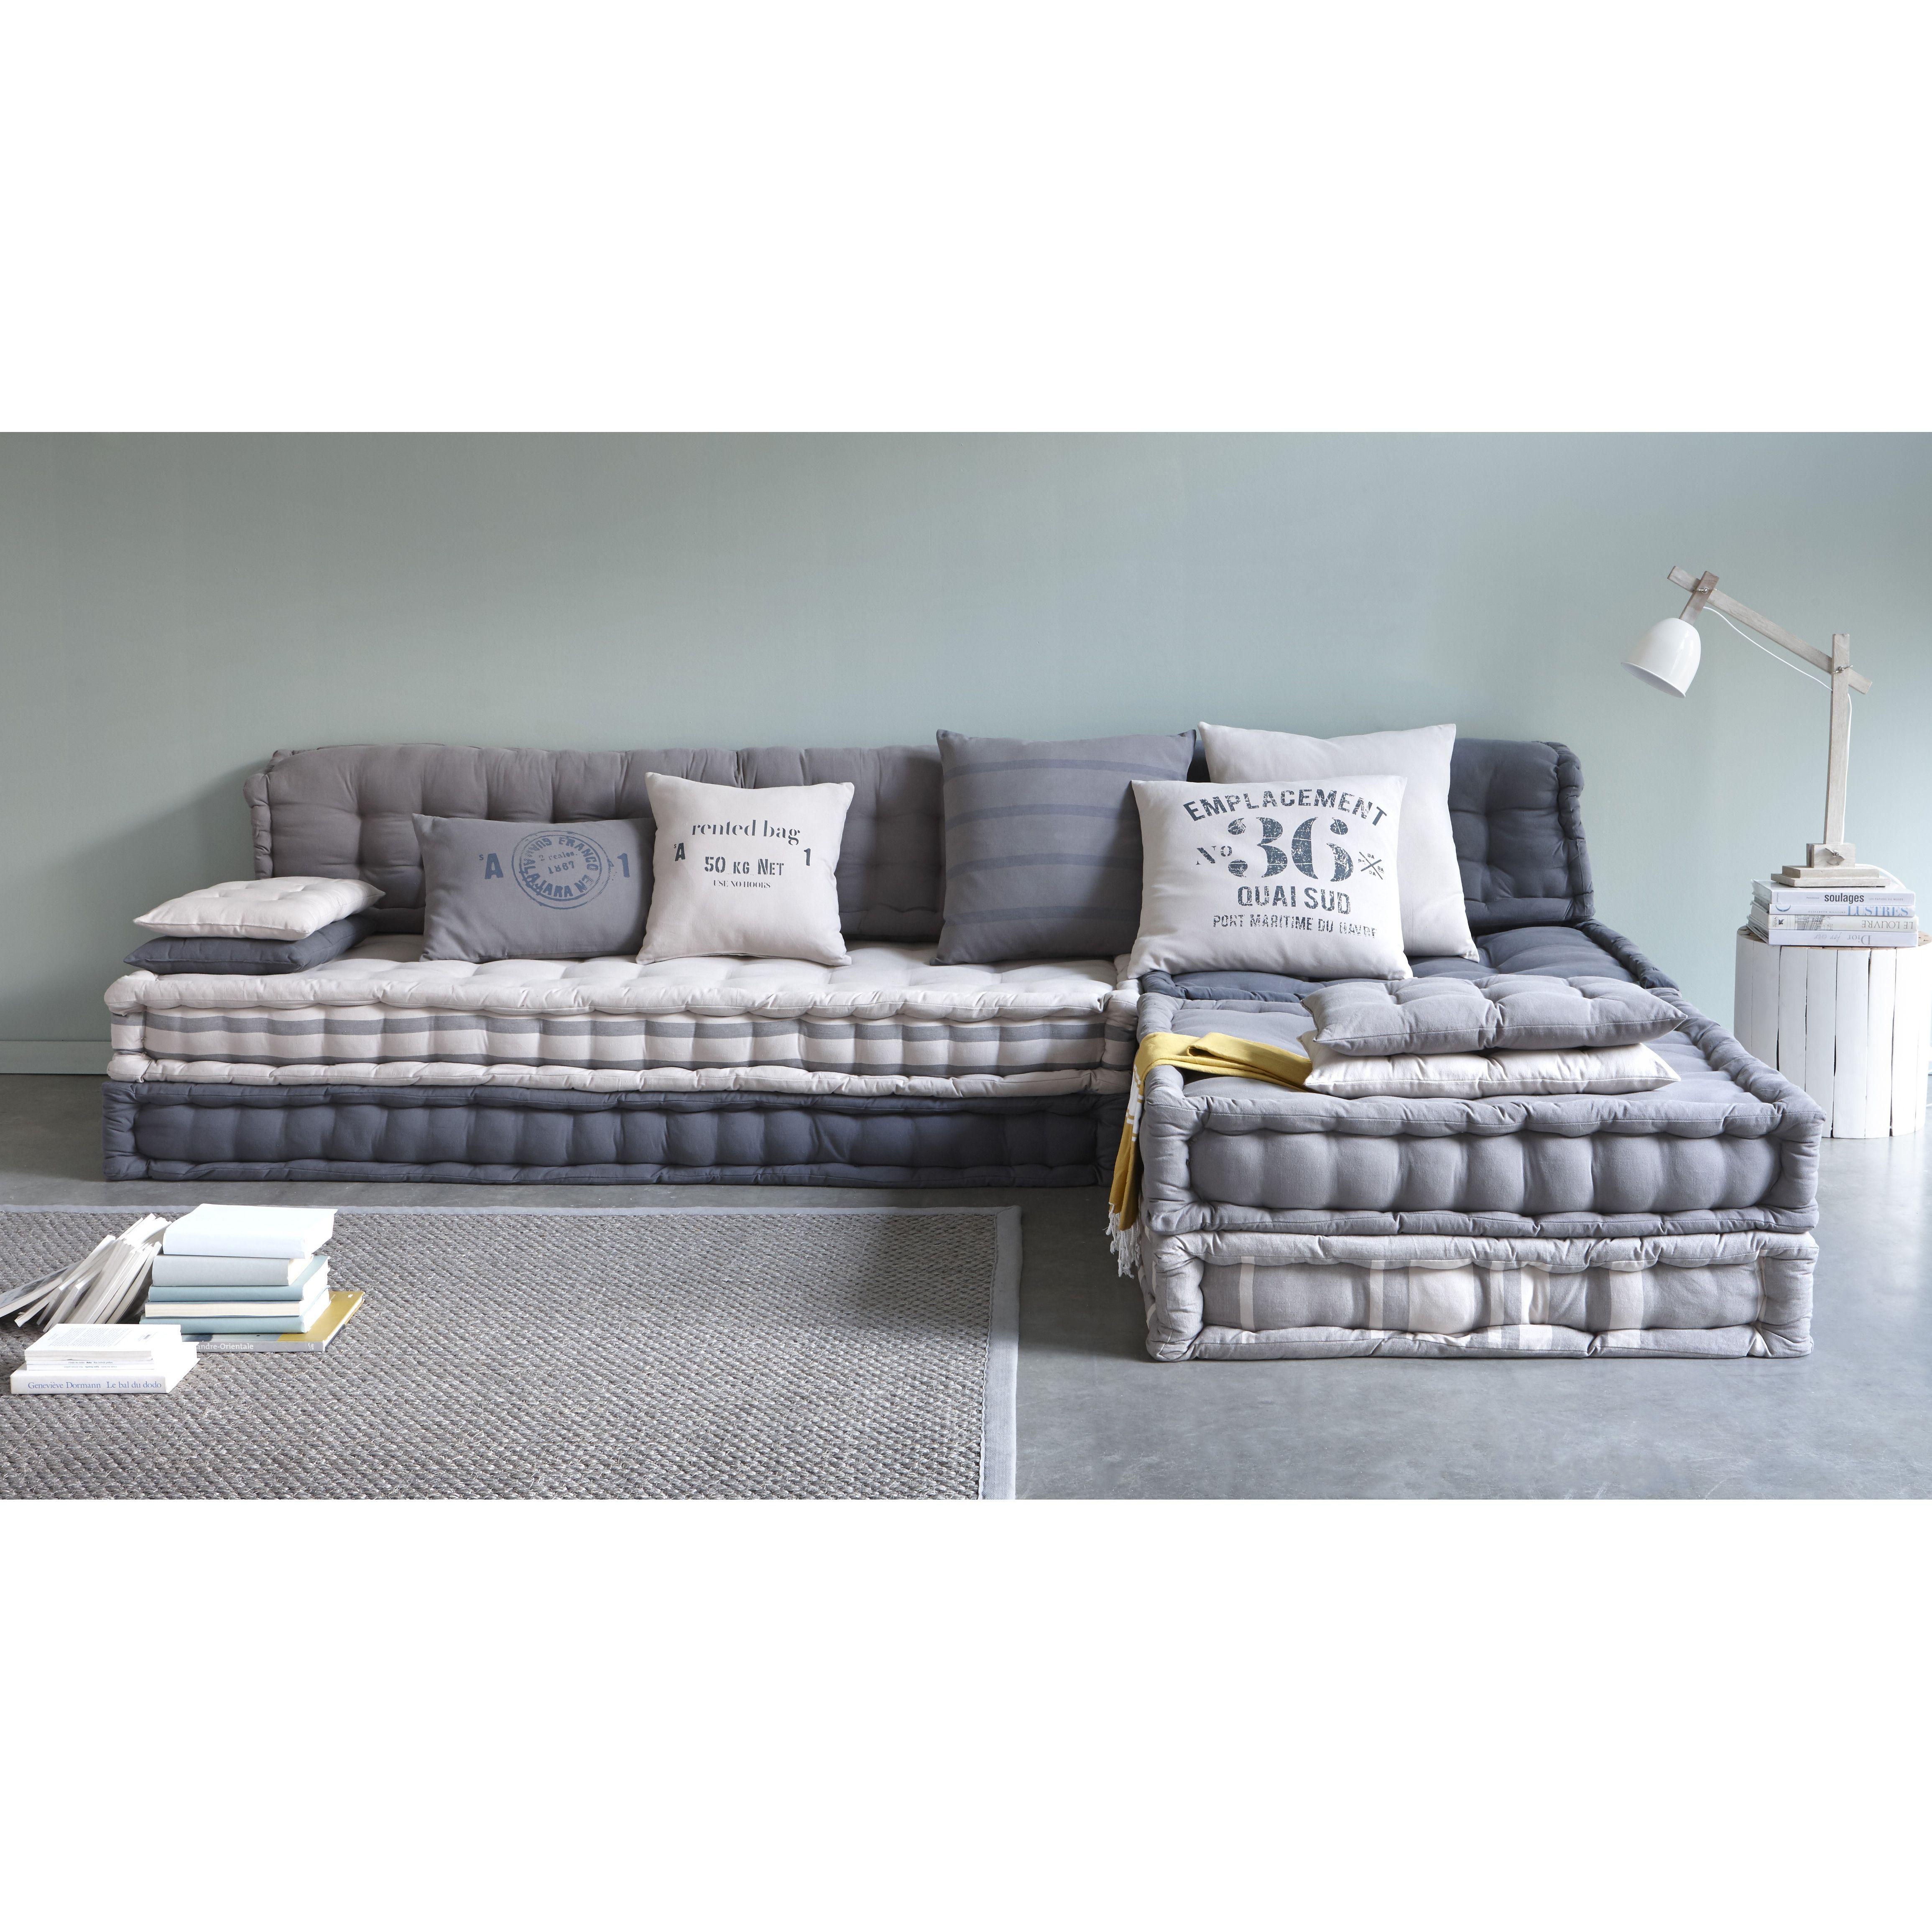 banco esquinero modulable de 6 plazas de algod n gris chicos chicas pinterest meuble. Black Bedroom Furniture Sets. Home Design Ideas